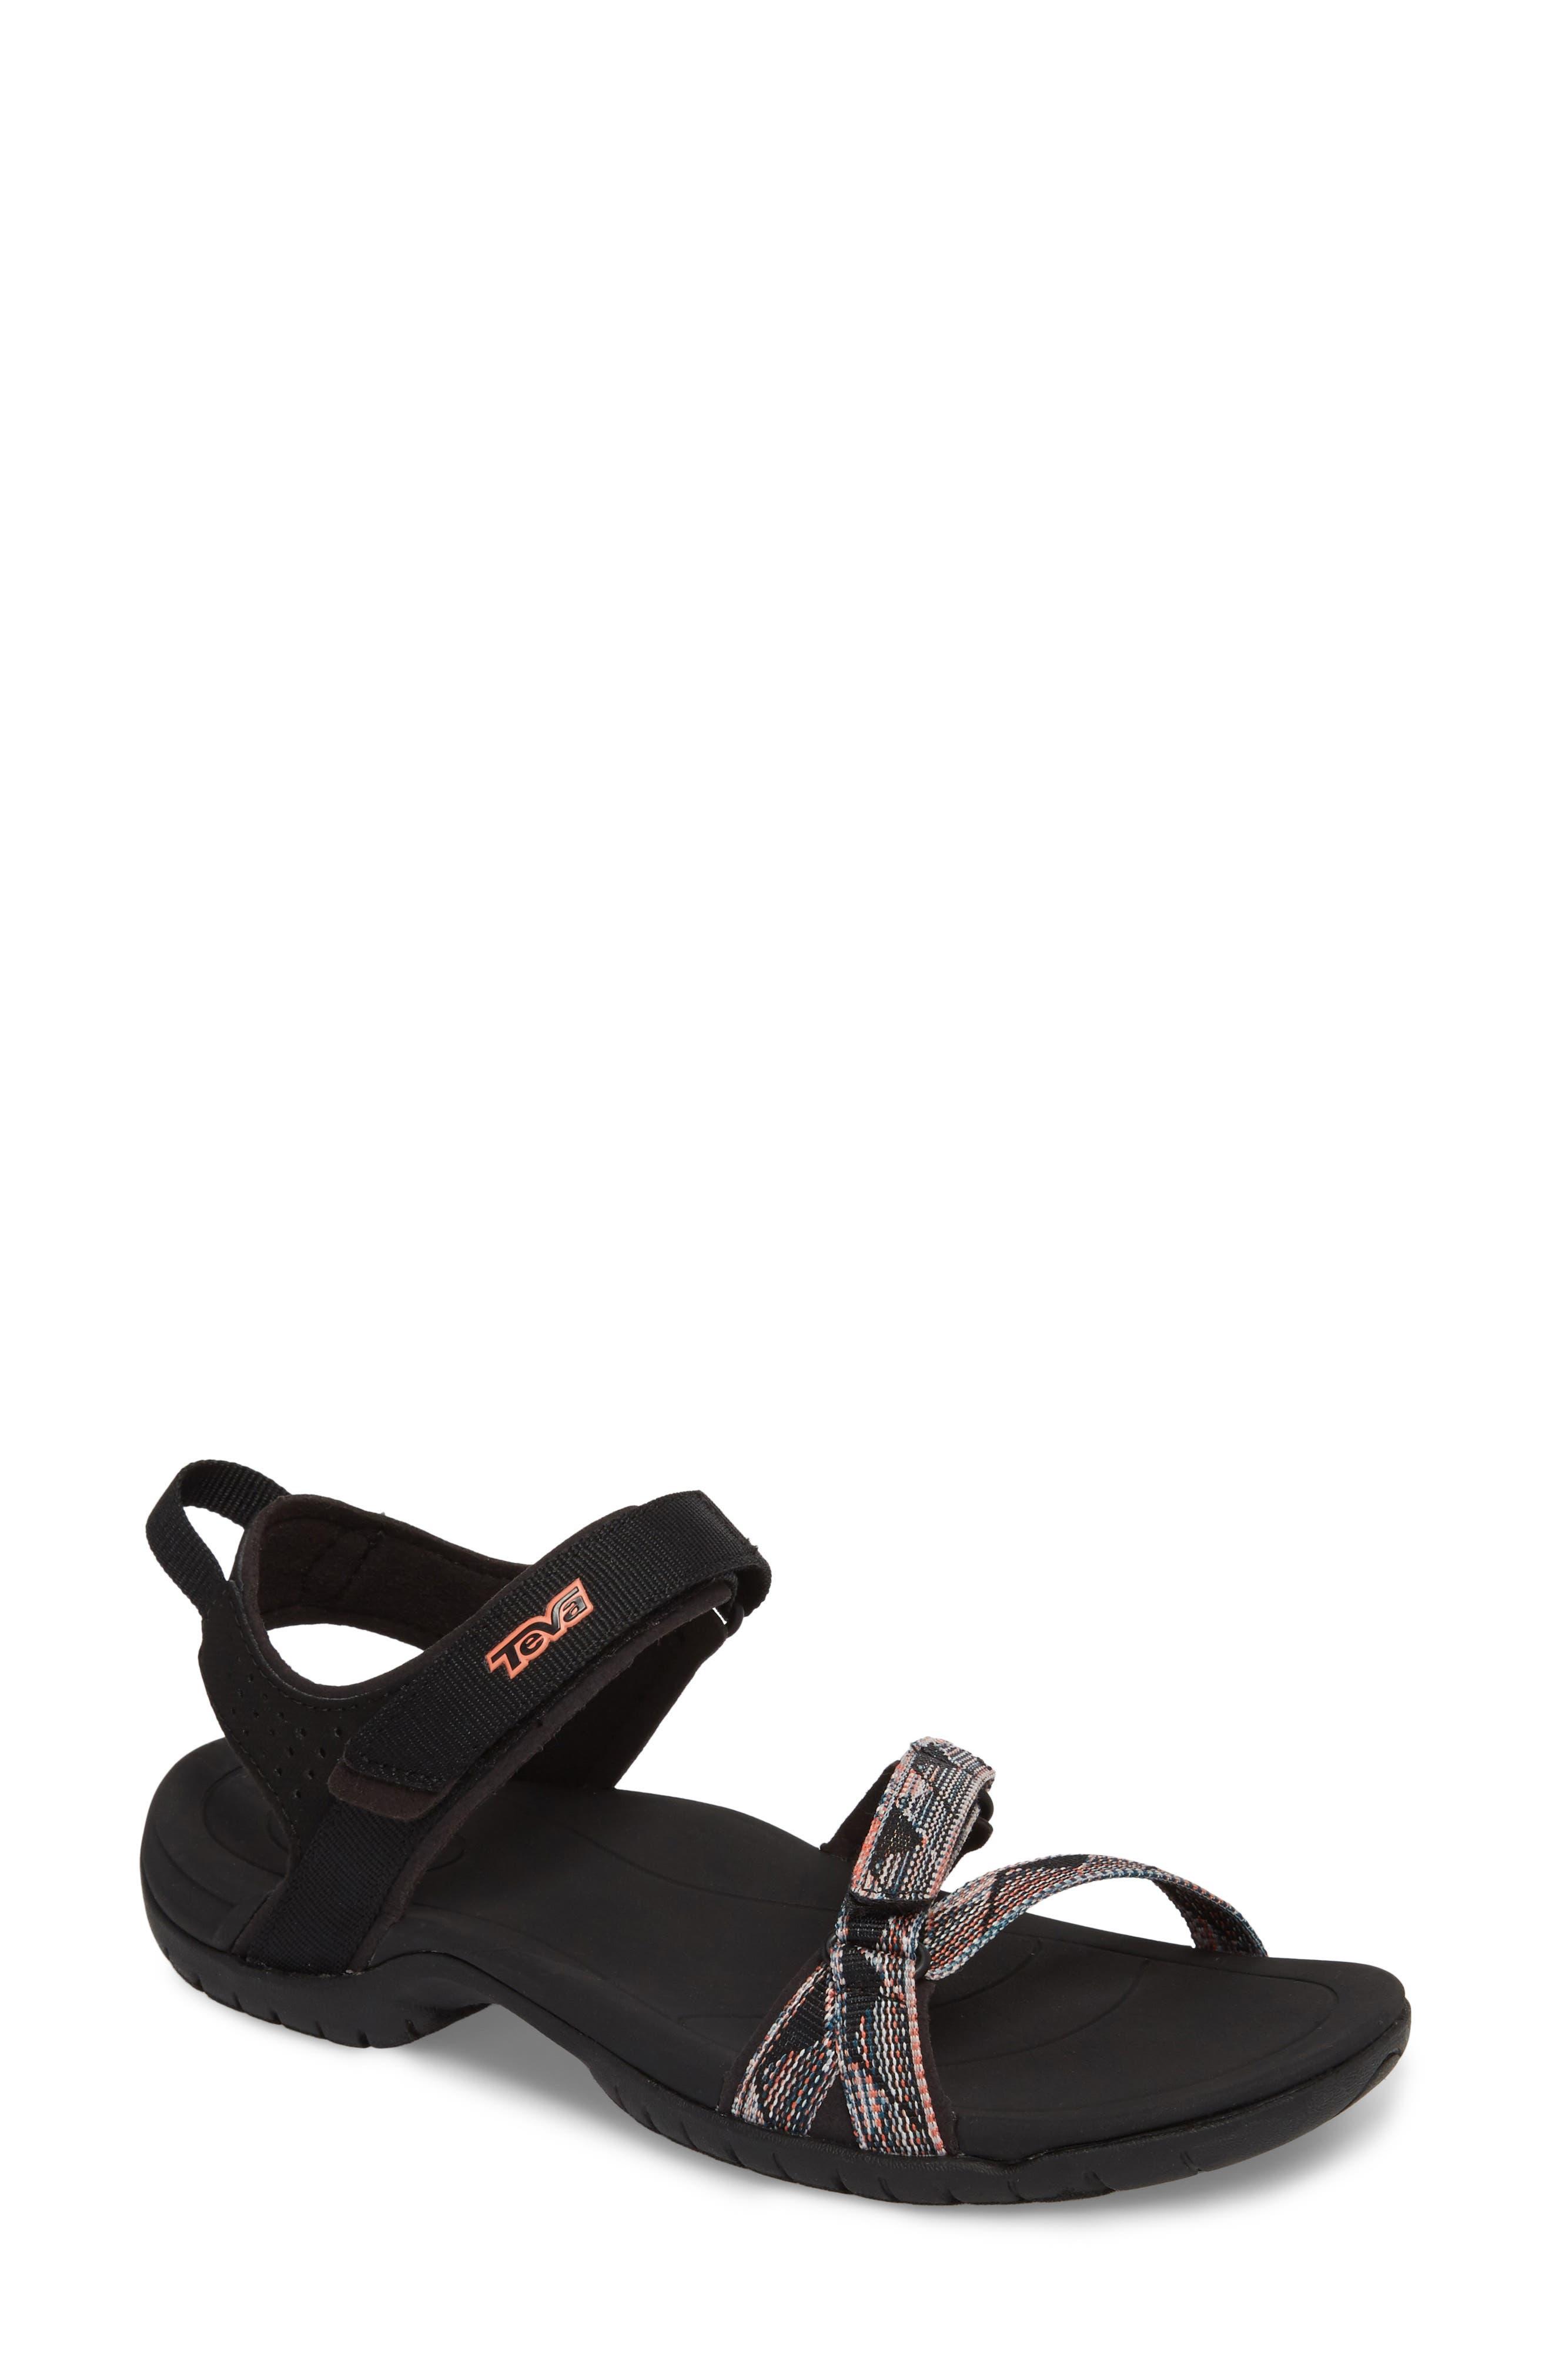 328ec3d29 Women s Teva Shoes